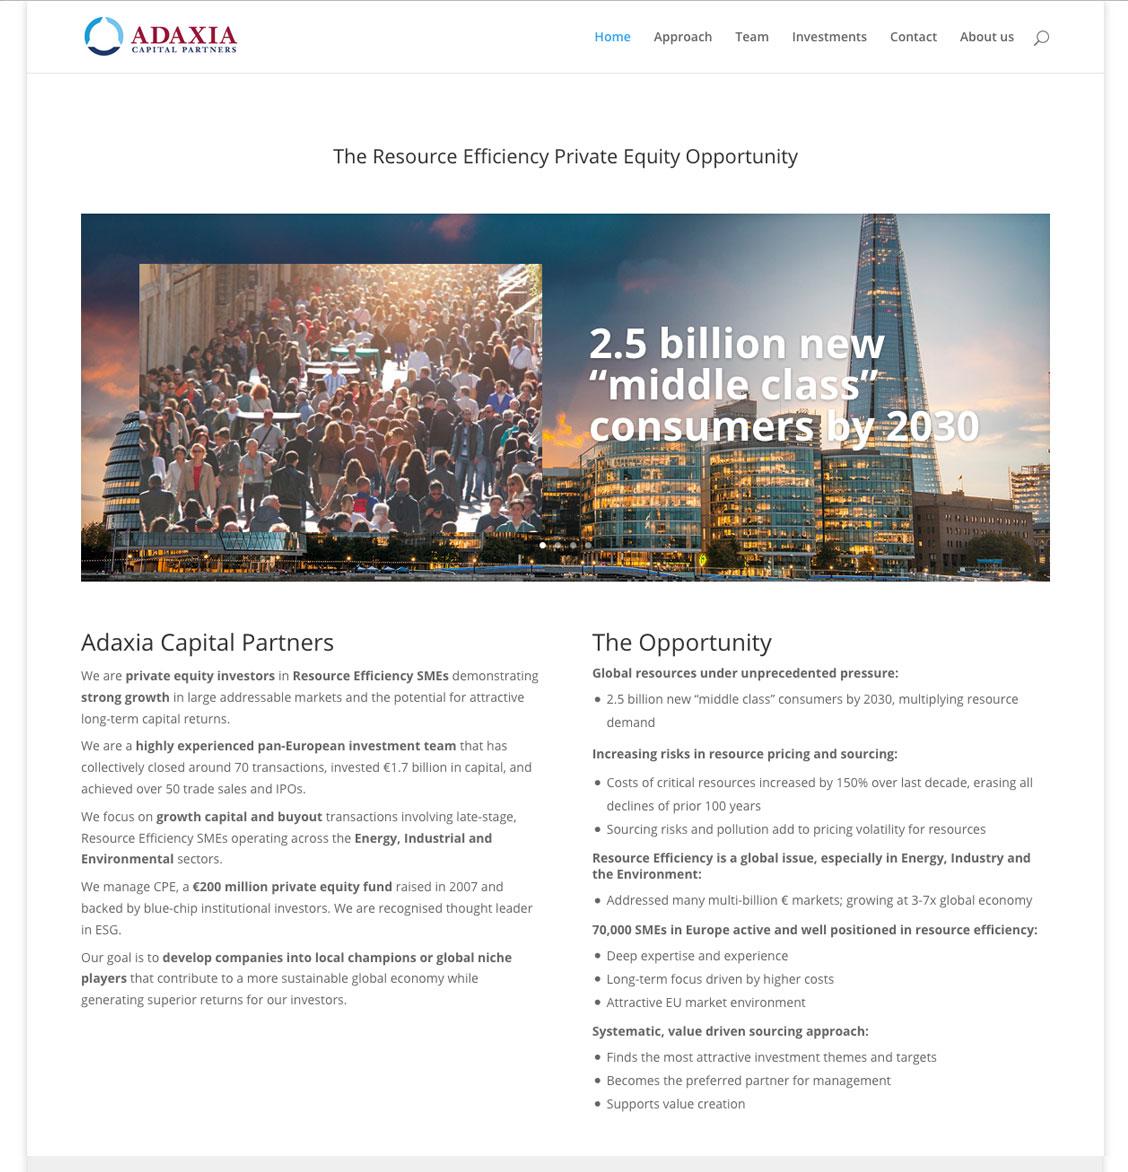 punktneun-Adaxia-Webseite-Startseite